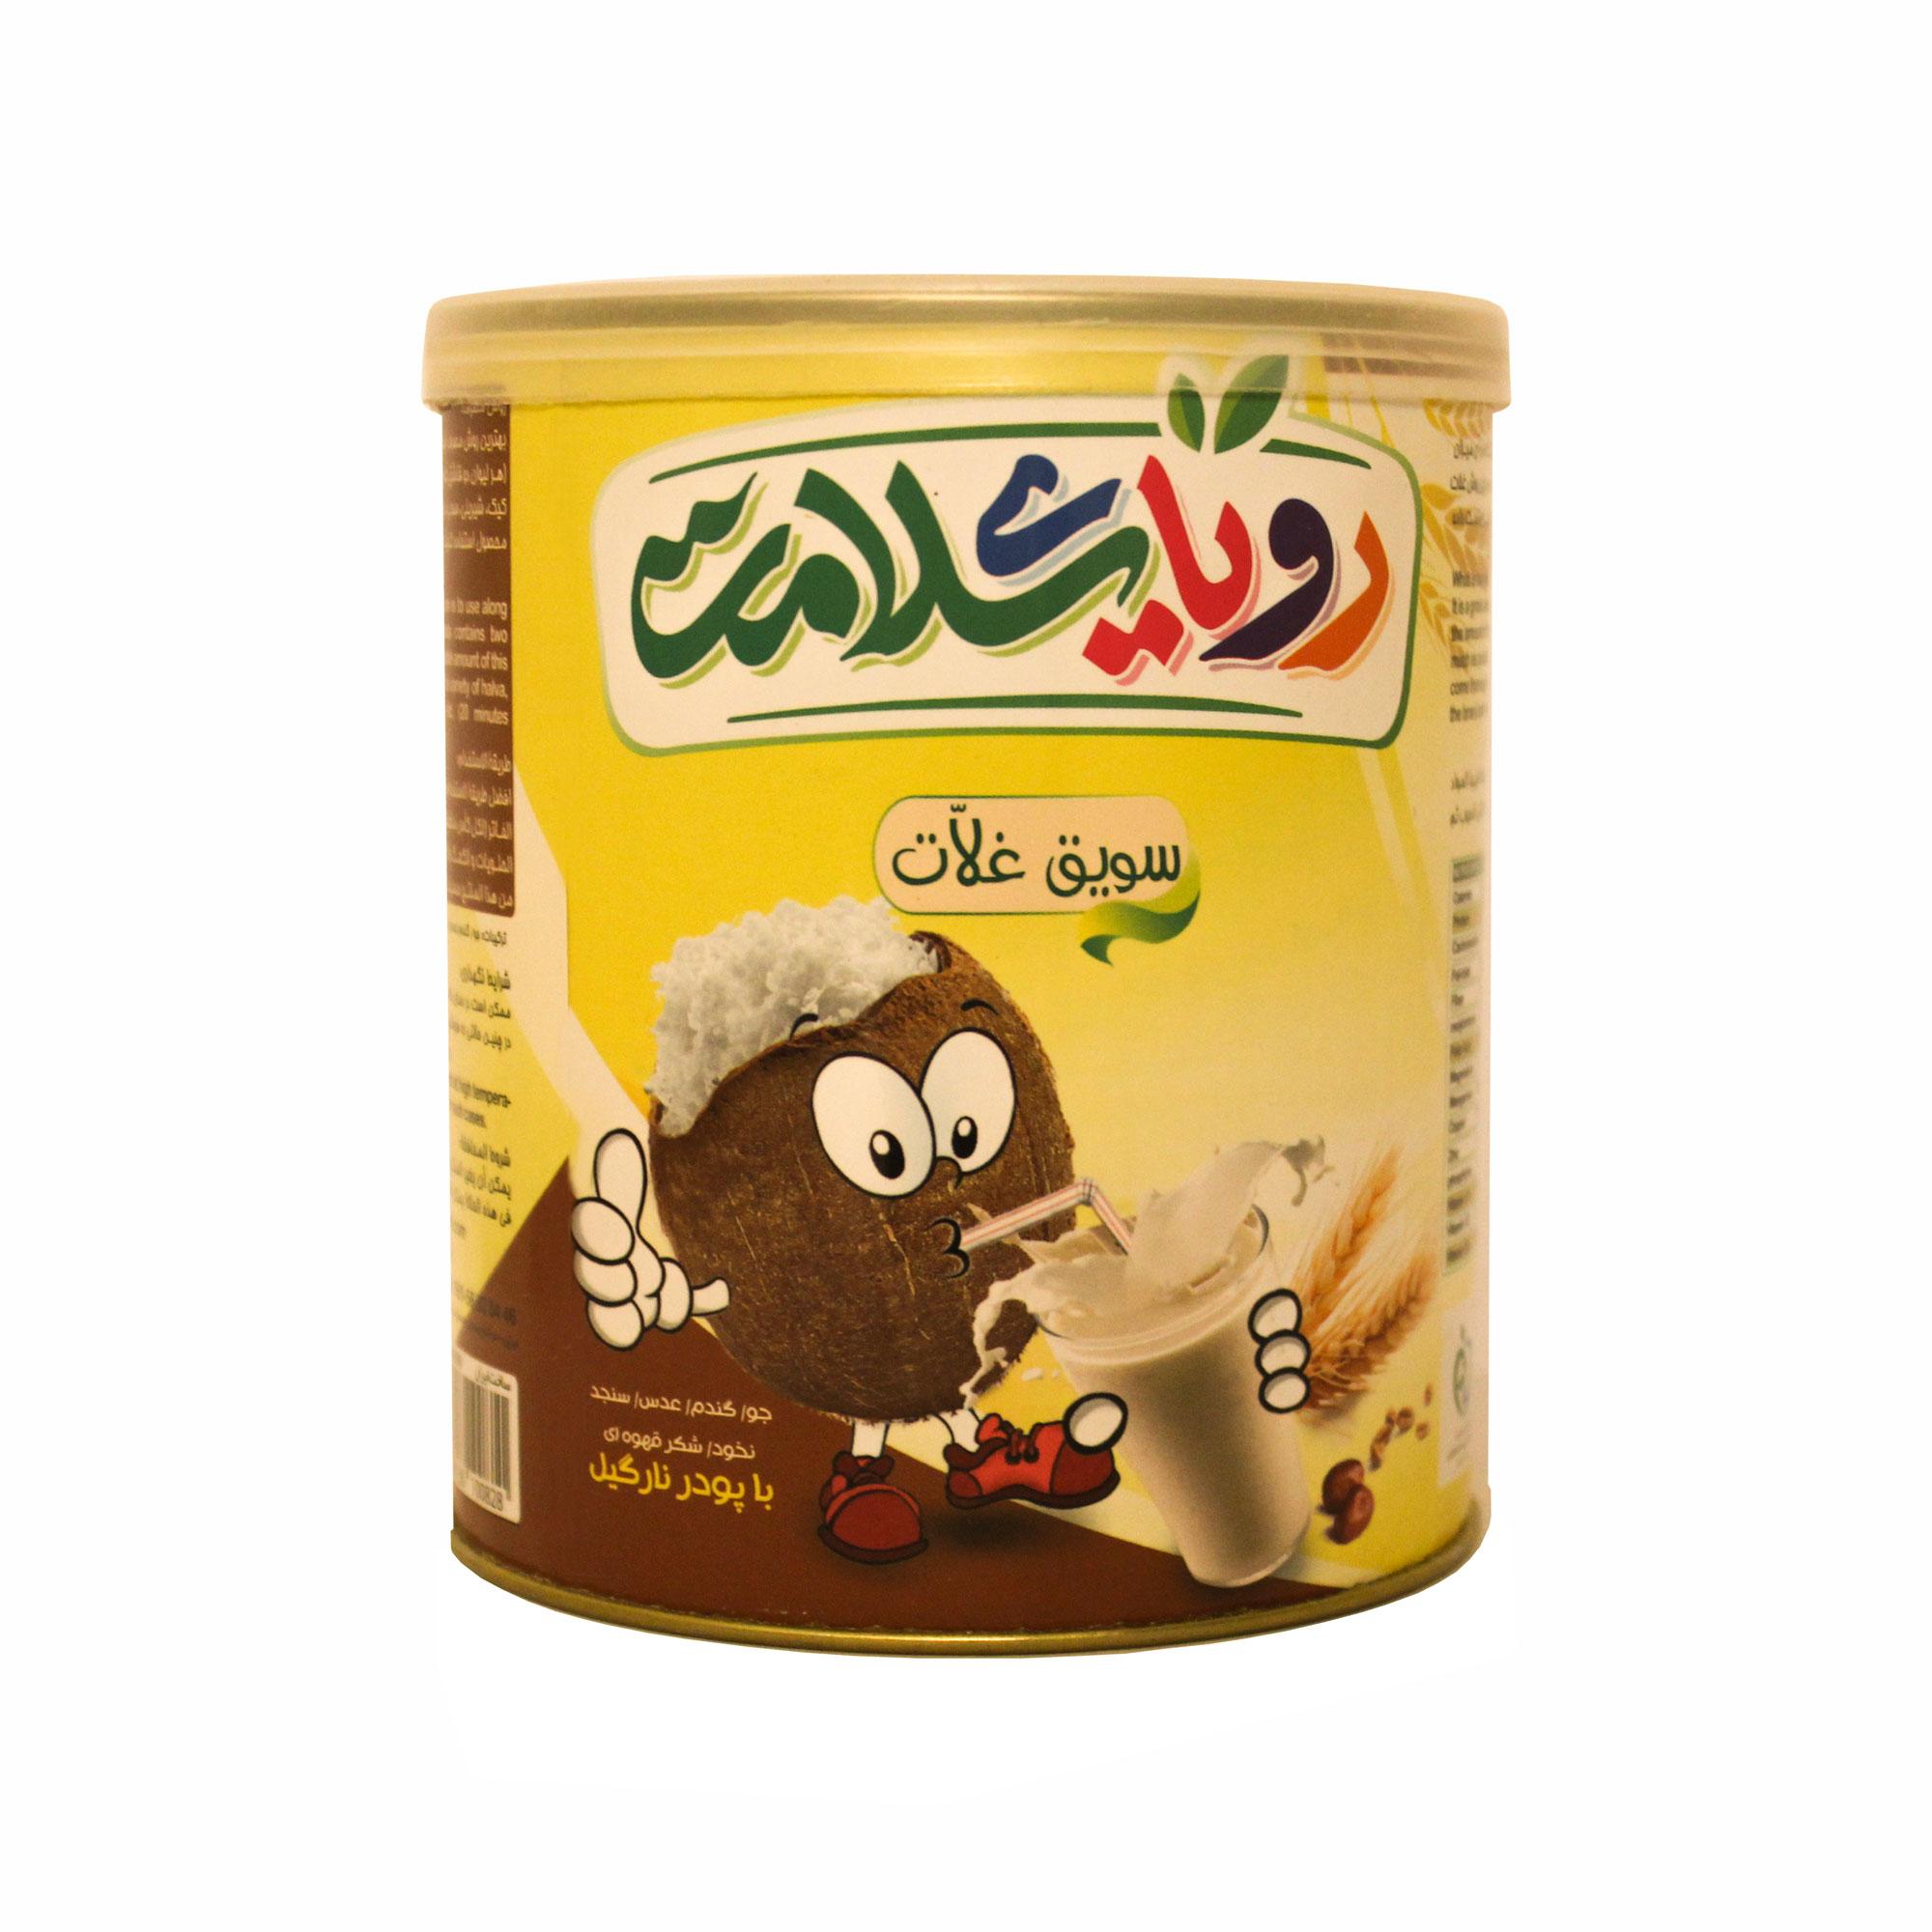 غلات صبحانه ارگانیک با پودر نارگیل رویای سلامت - 400 گرم